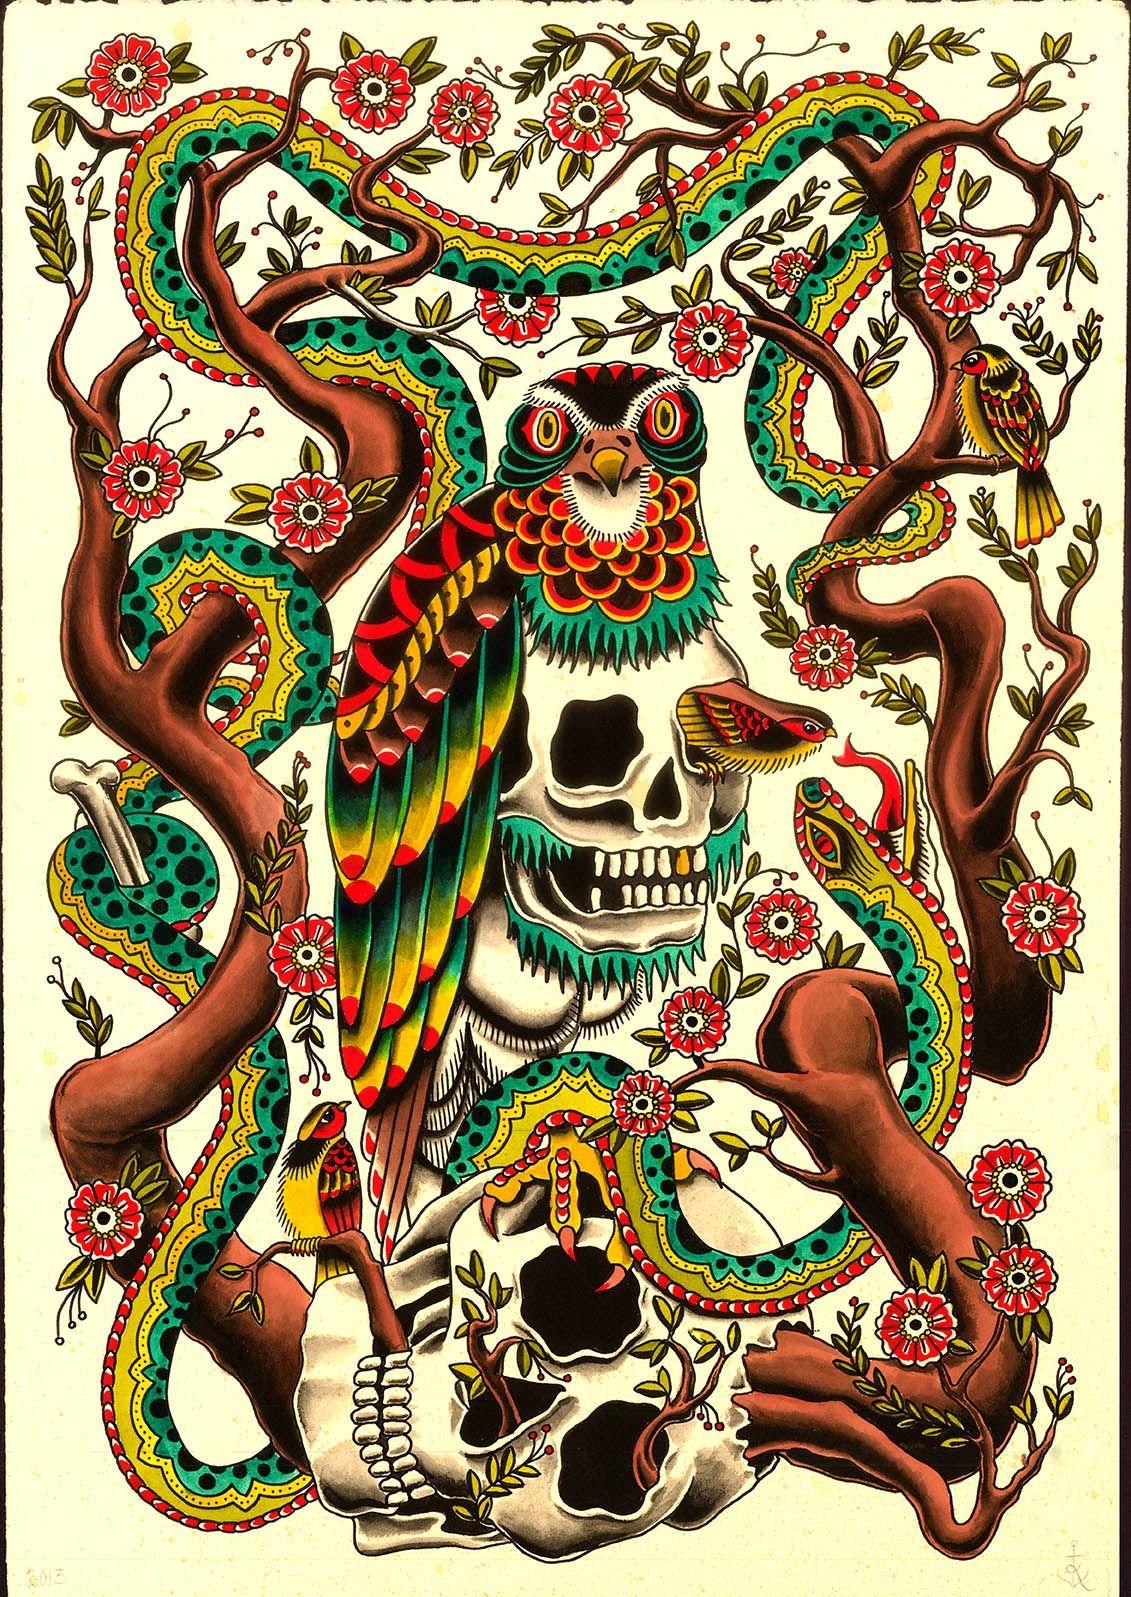 Kyler Martz Traditional Tattoo Wallpaper Traditional Tattoo Design Flash Tattoo Designs Traditional tattoo flash wallpaper